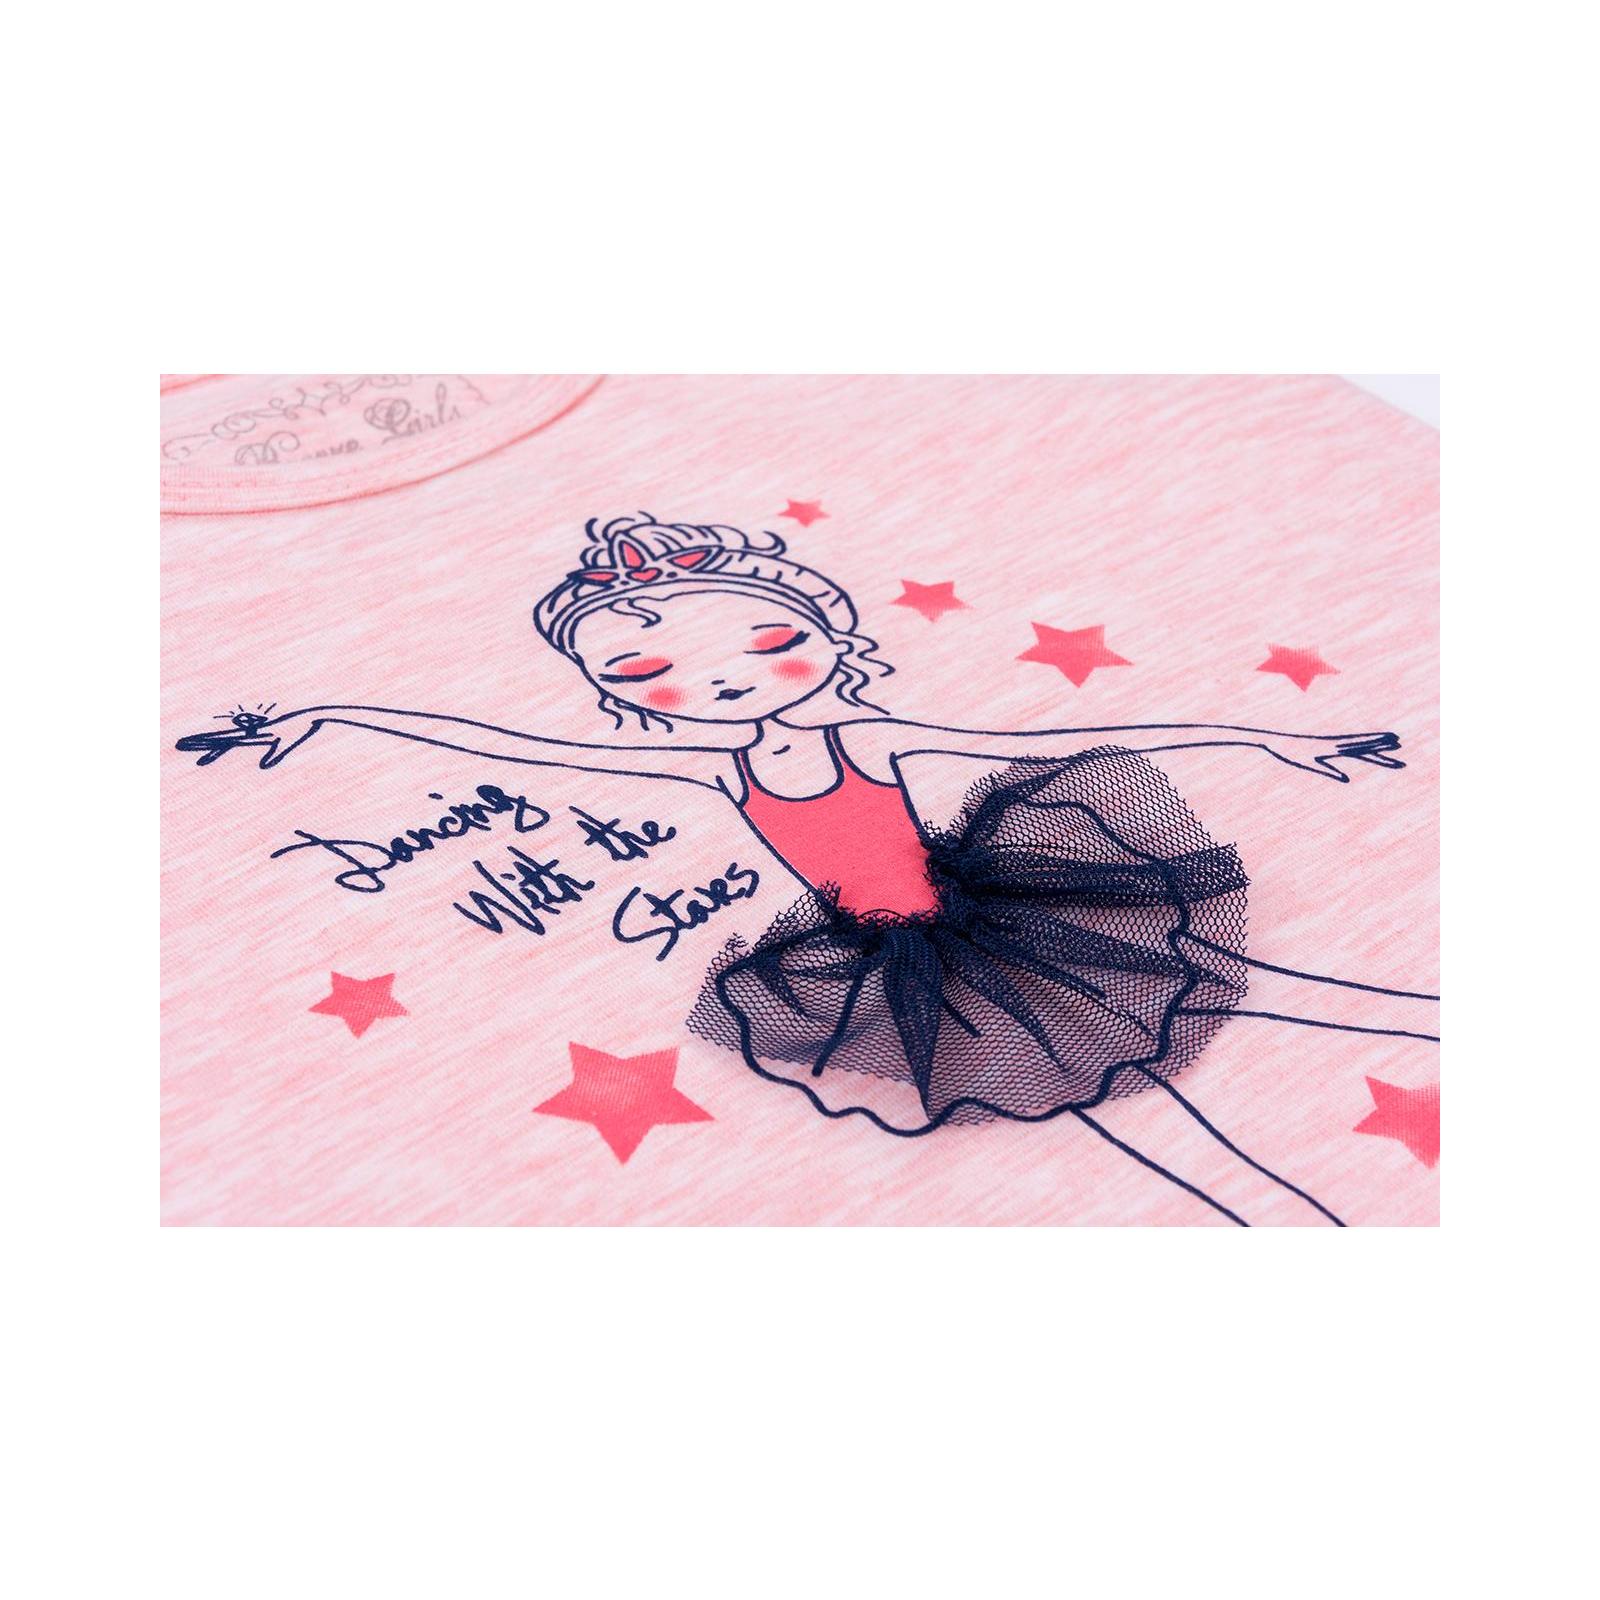 Платье с балеринкой Breeze (10735-104G-peach) изображение 4